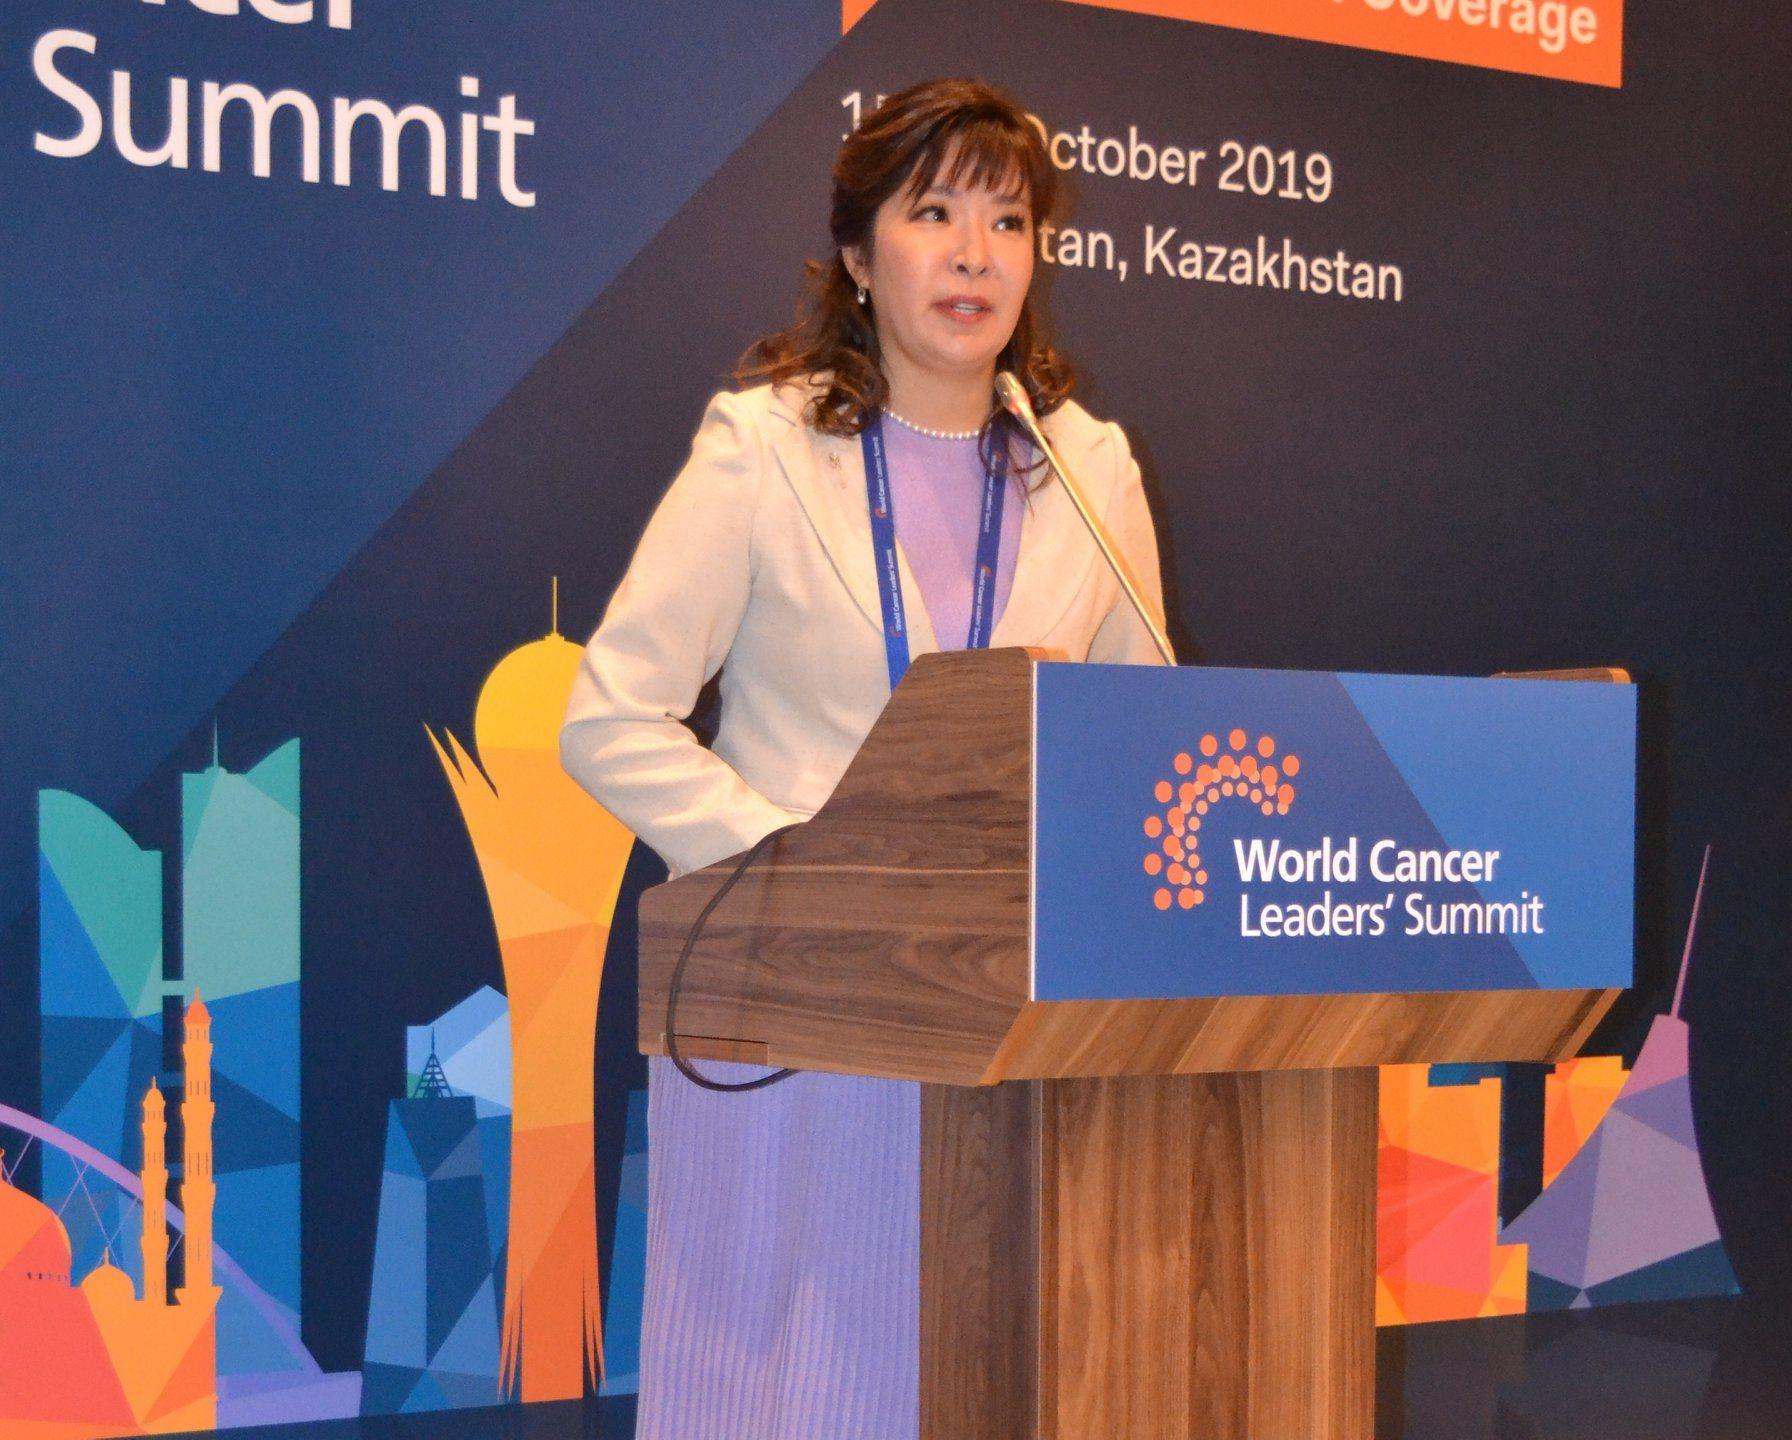 В Нур-Султане начал работу Всемирный Саммит лидеров в онкологии – World Cancer Leaders' Summit – 2019